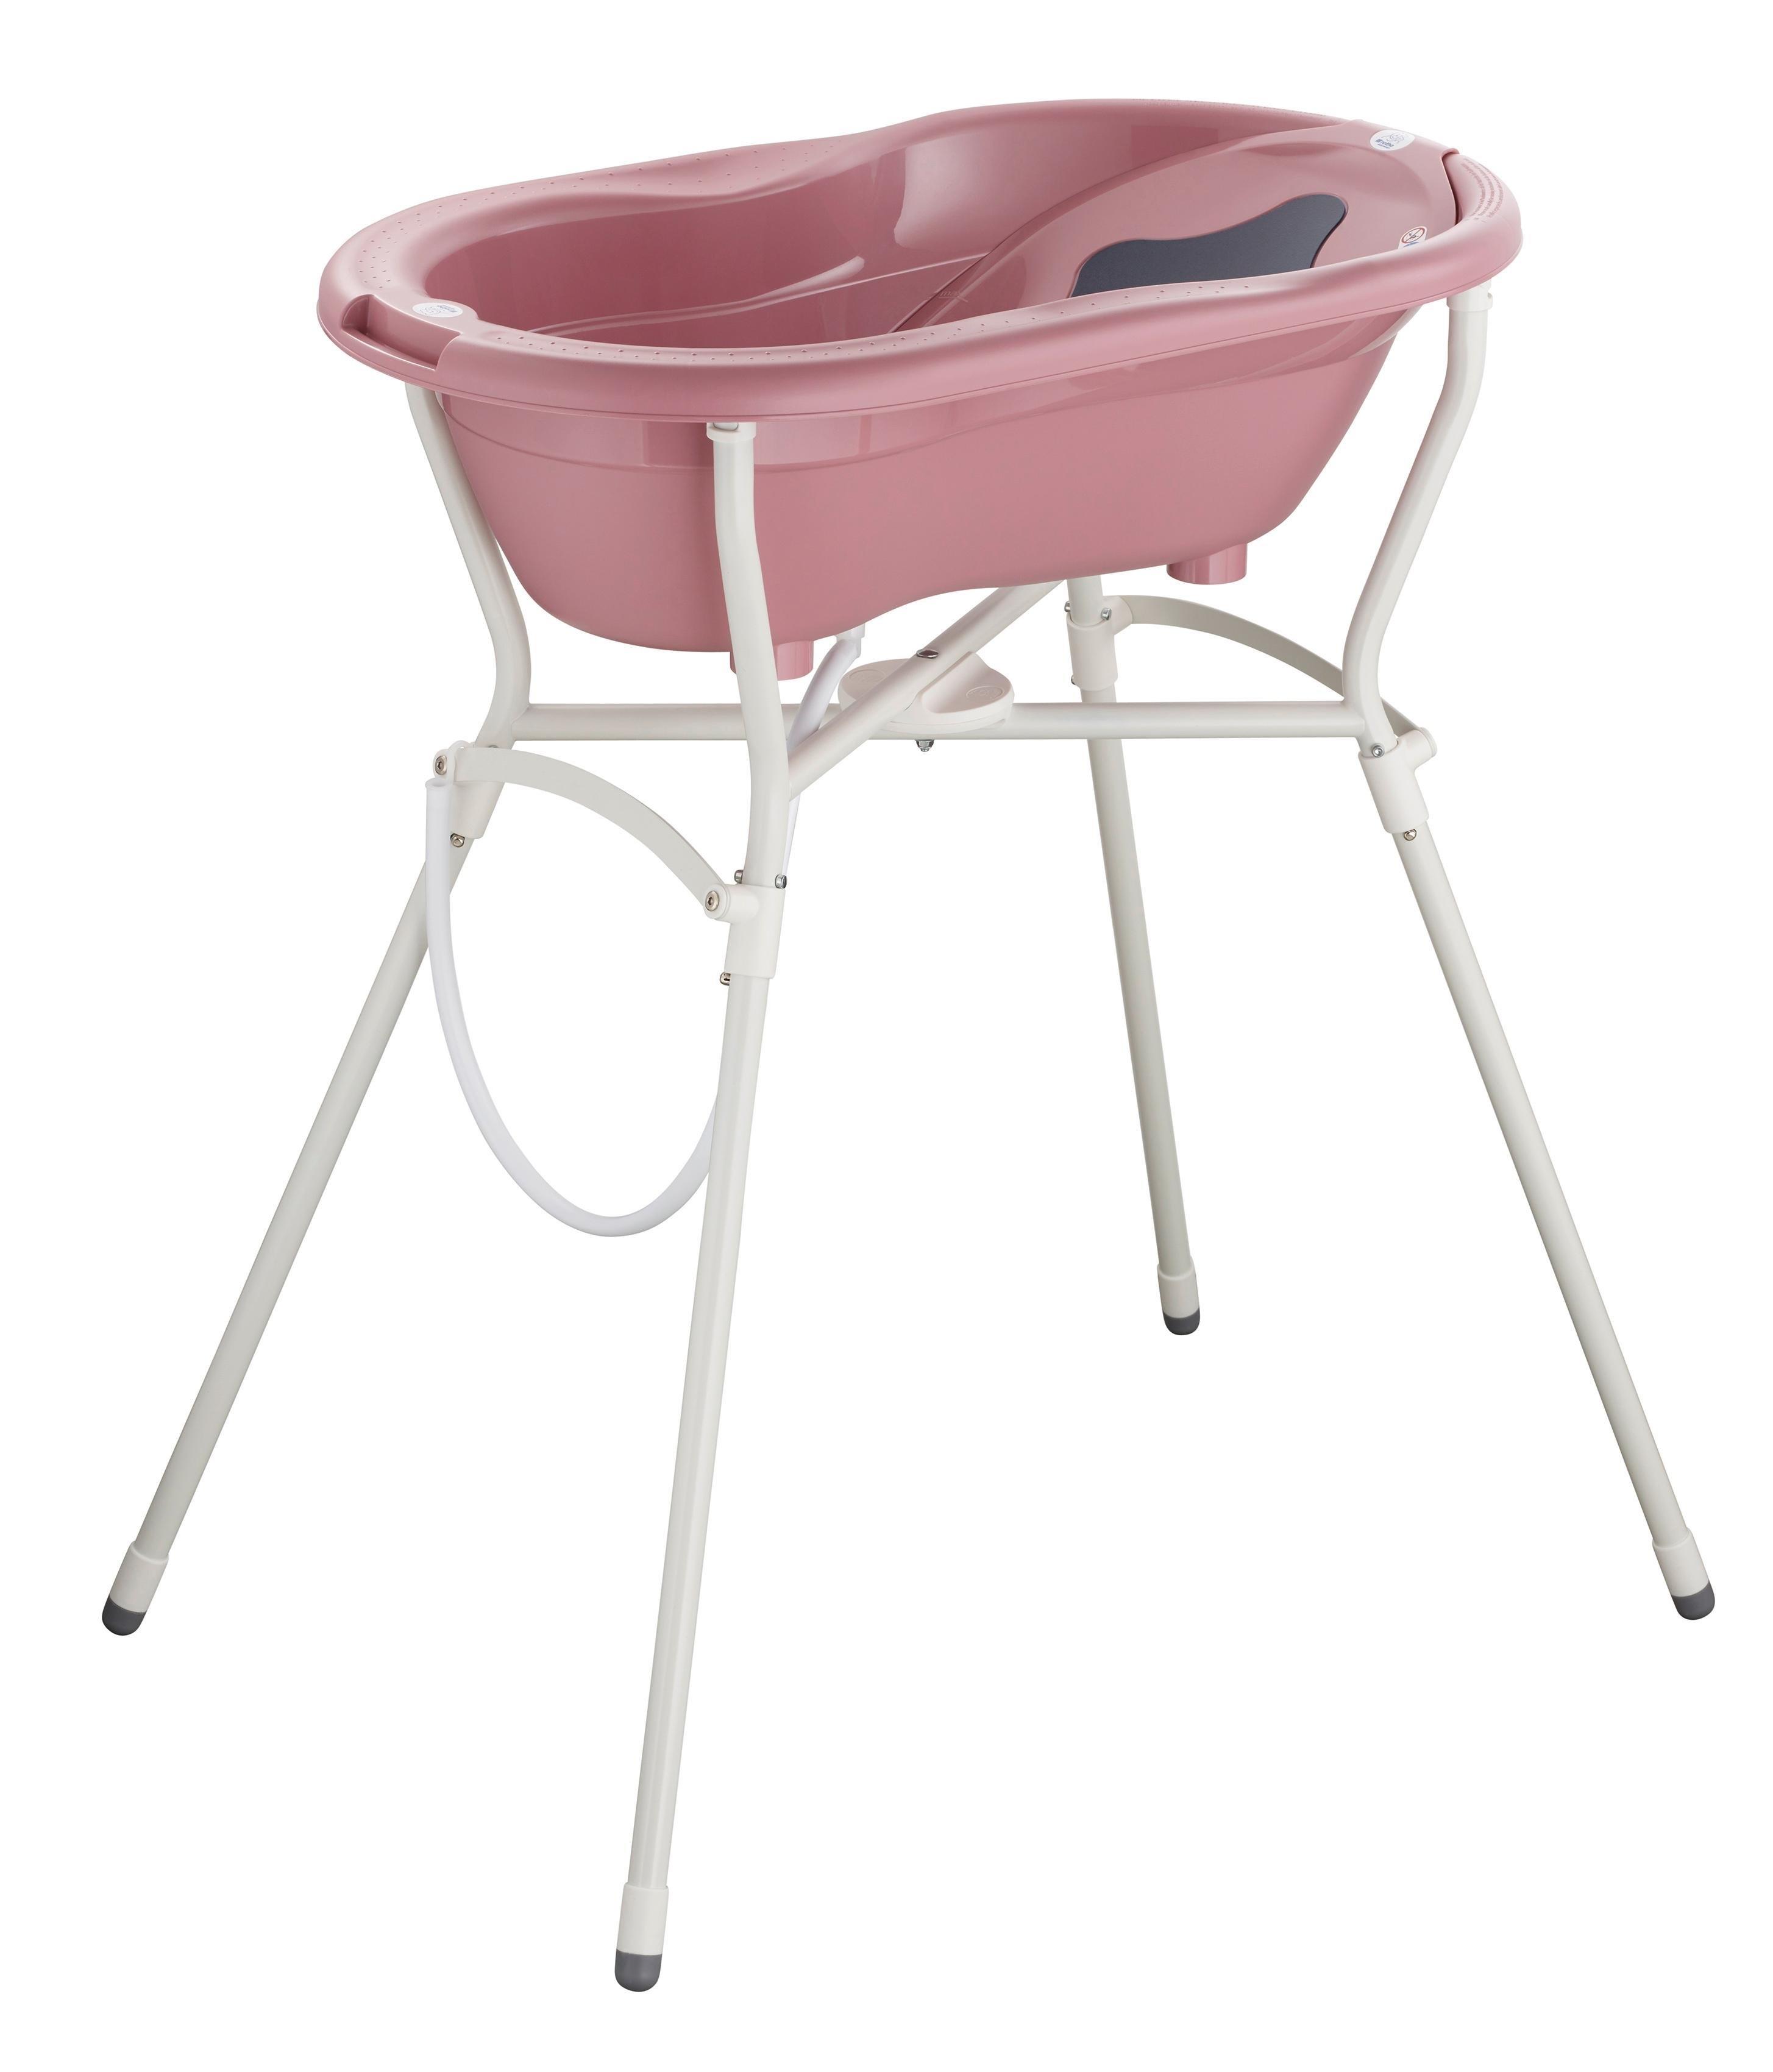 Rotho Babydesign kinderwagenbak in de webshop van OTTO kopen